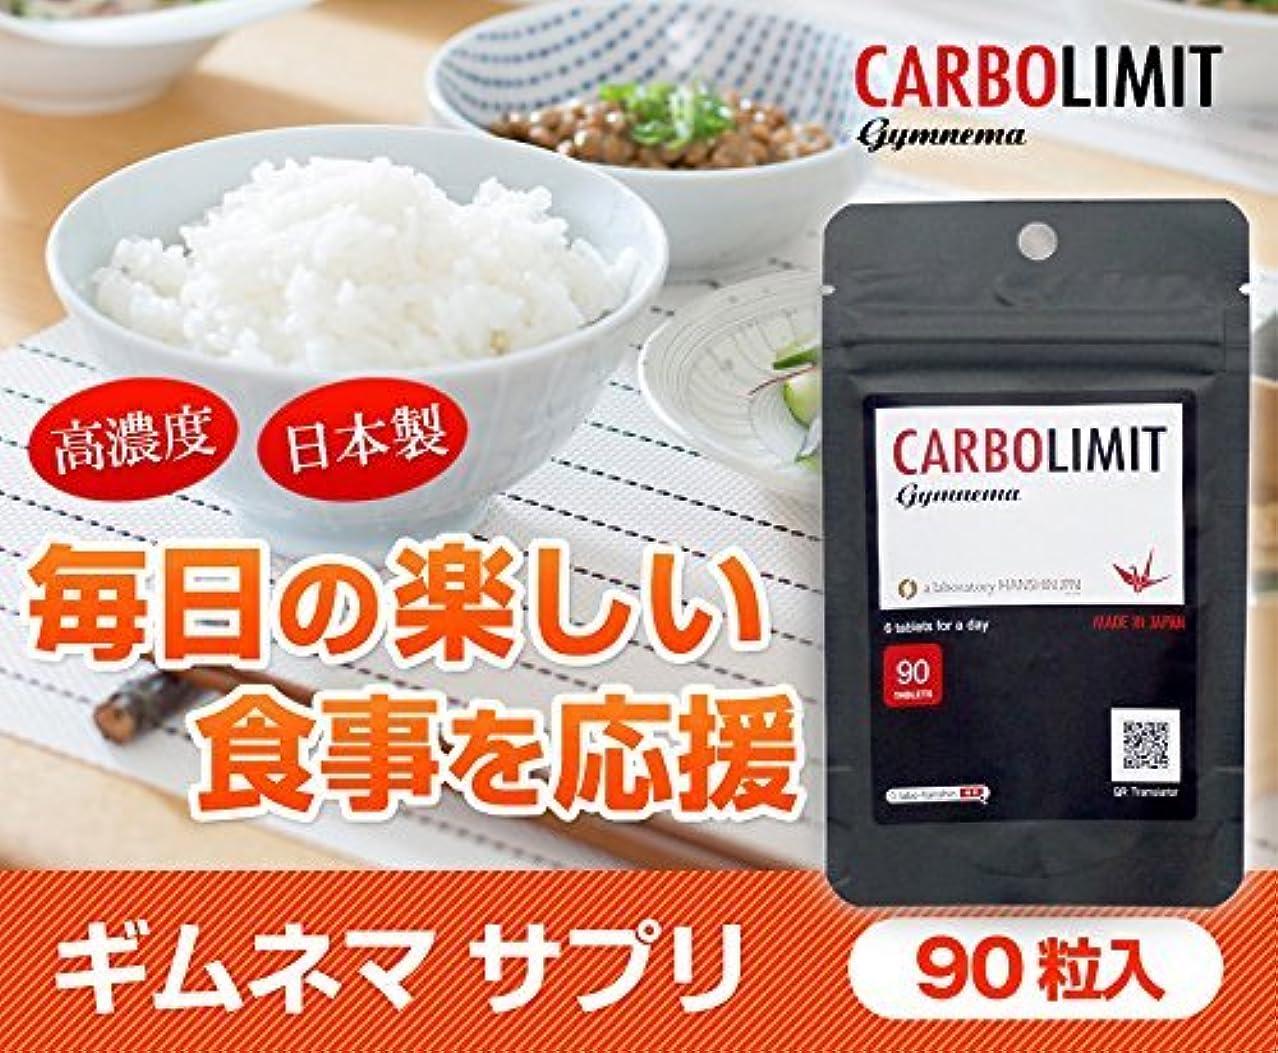 ウィザードセグメント忘れられない糖質制限 ギムネマ サプリ CARBO LIMIT 日本製 高濃度 3倍濃縮 ギムネマシルベスタ 配合 90粒 約30日分 なかったことに